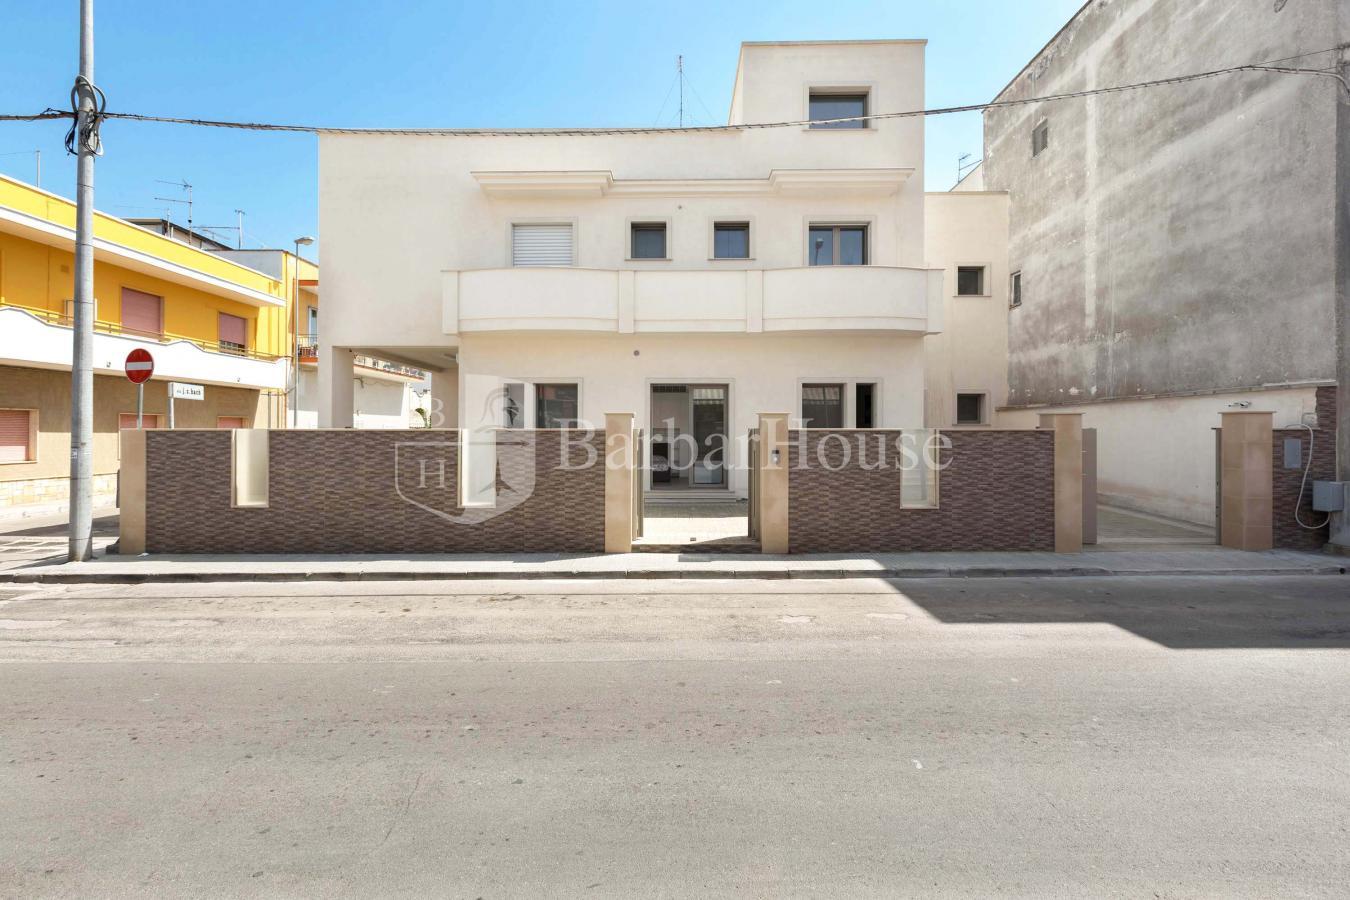 case vacanze - Porto Cesareo - Villino Blu Suite